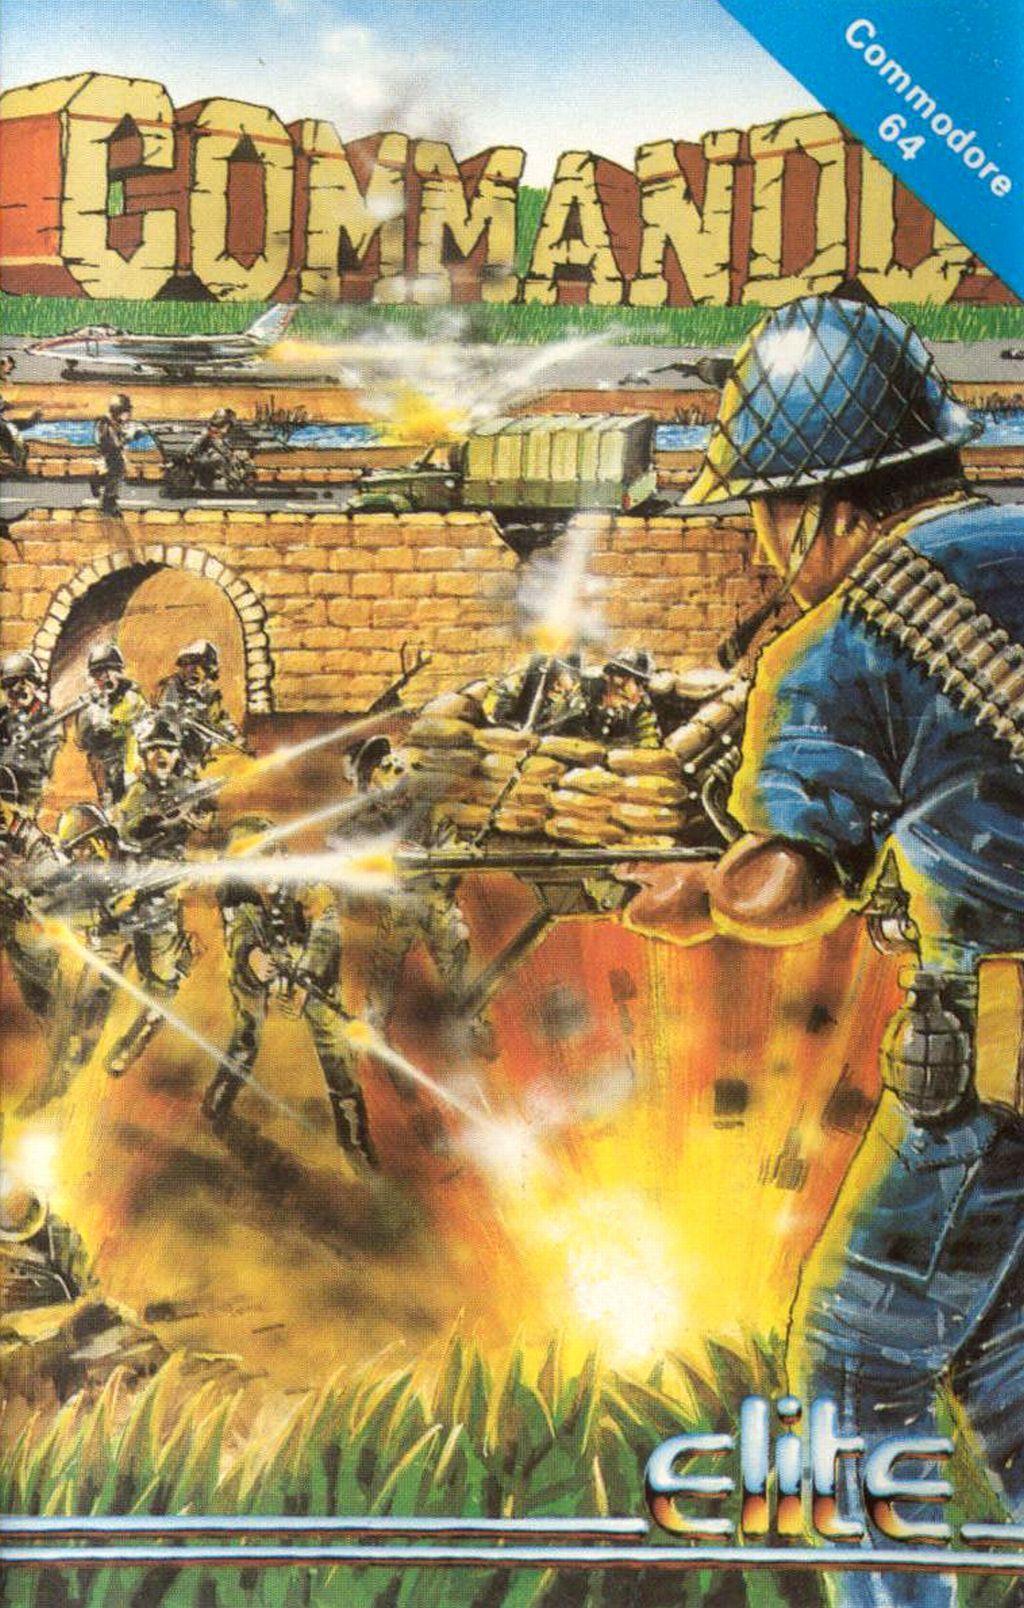 Commando (Commodore 64 version - fun game, but the game